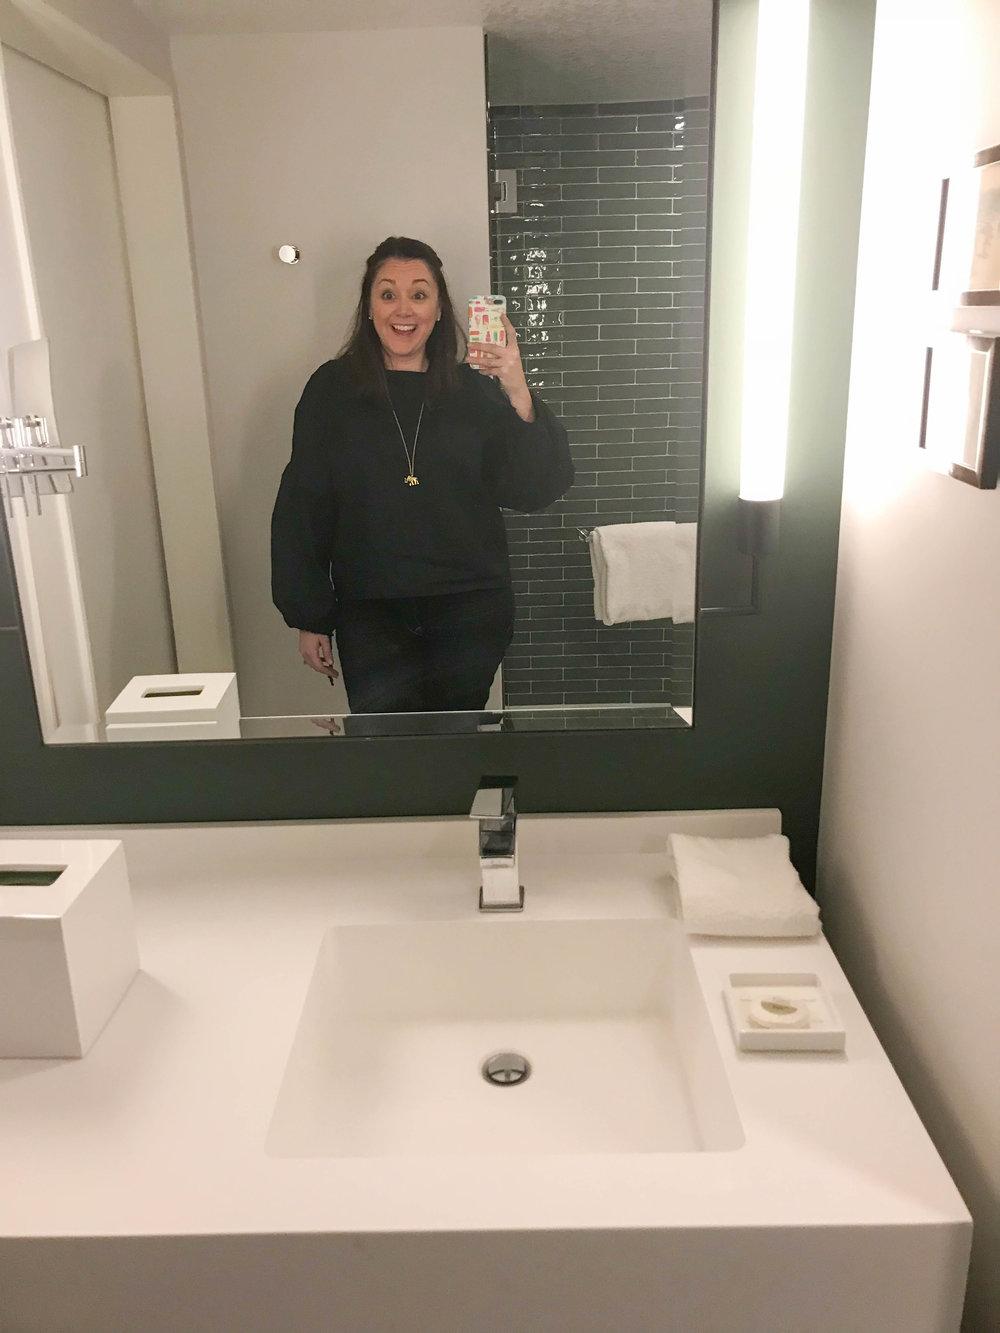 Park MGM Room - Bathroom Selfie